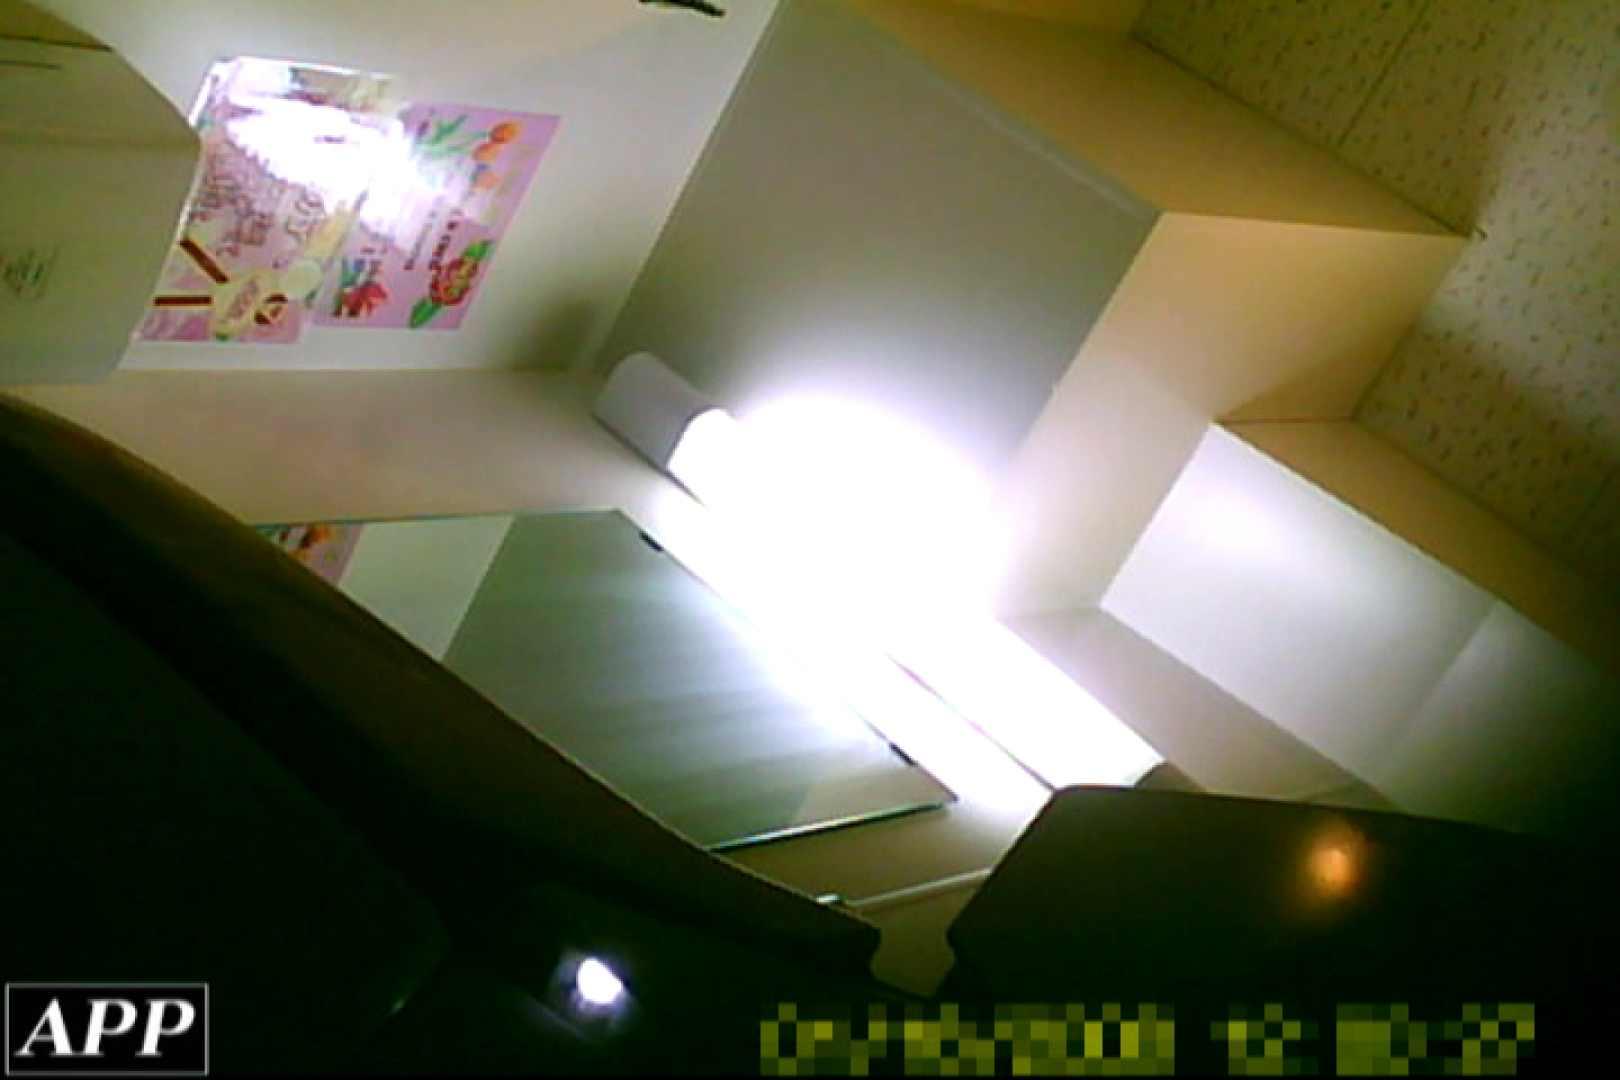 3視点洗面所 vol.128 オマンコ見放題 エロ画像 93枚 31